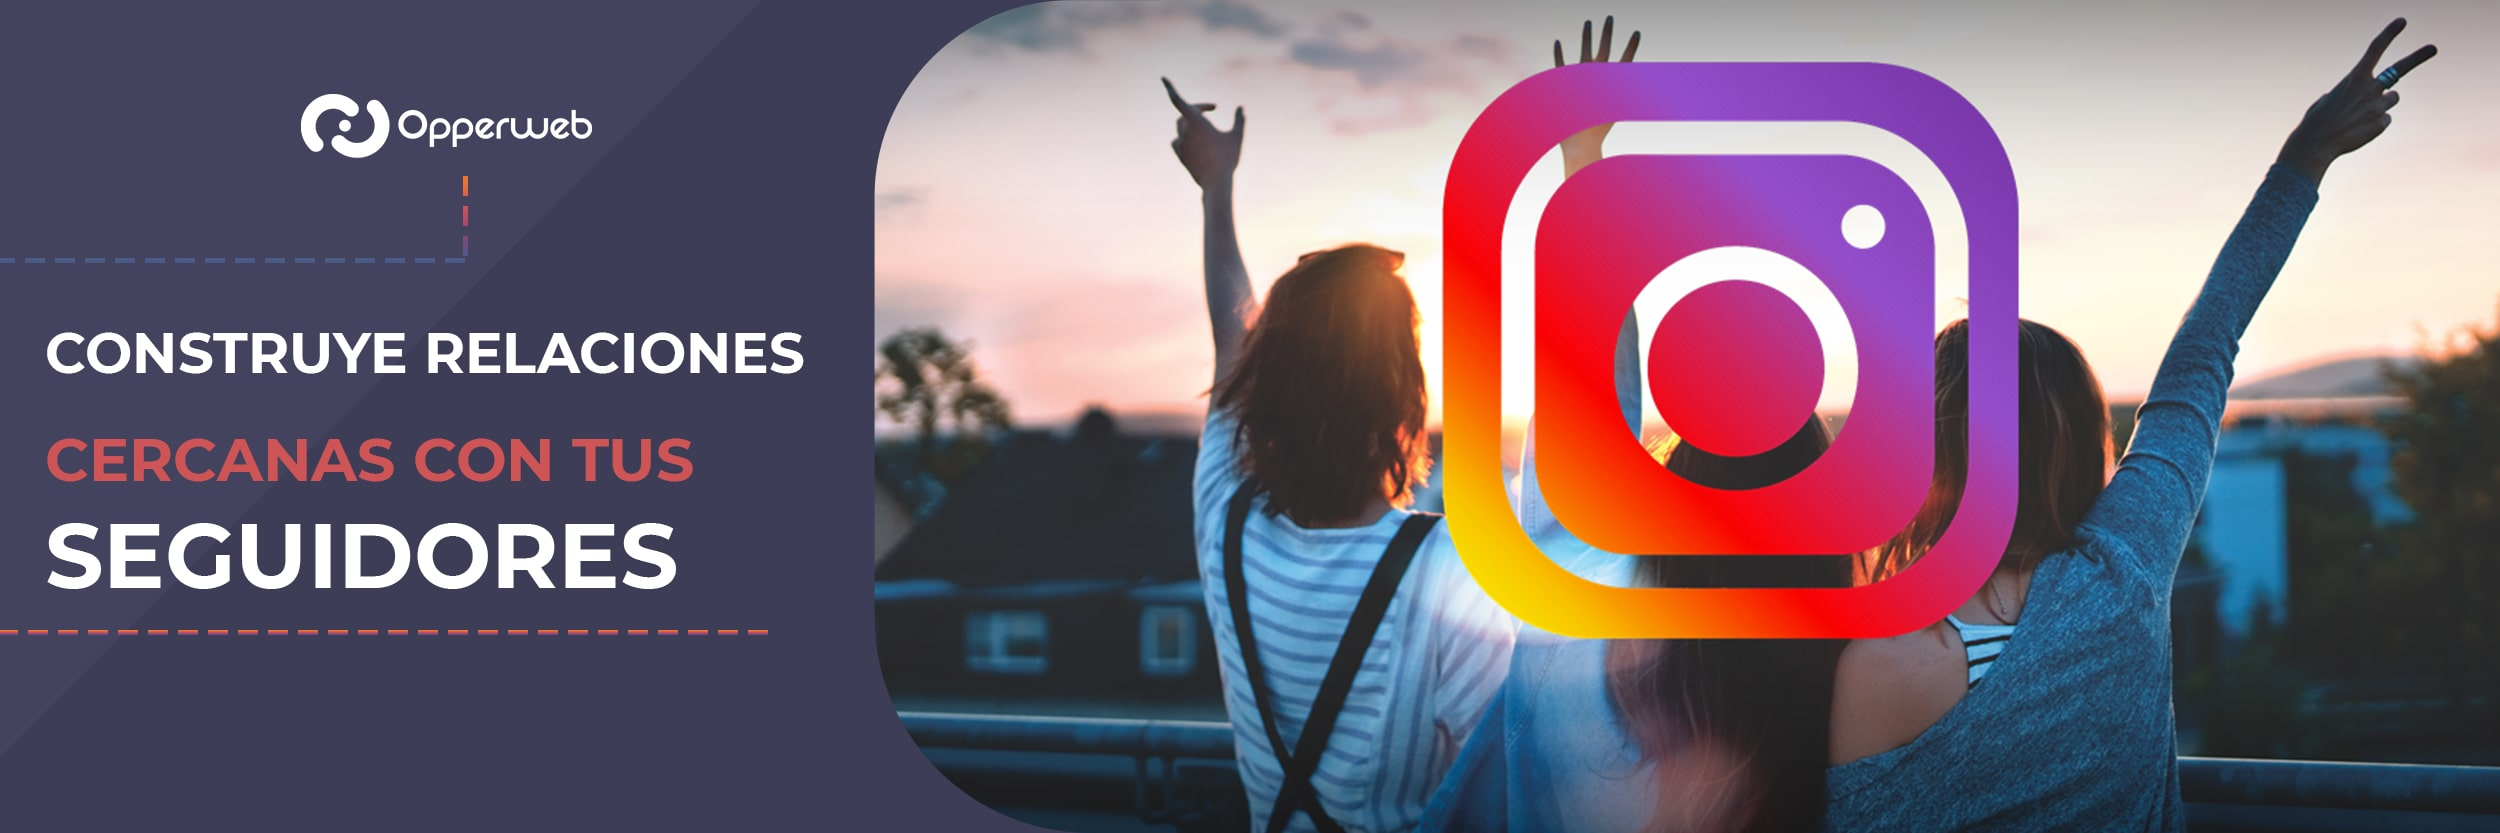 conversa usando el chat sticker de instagram